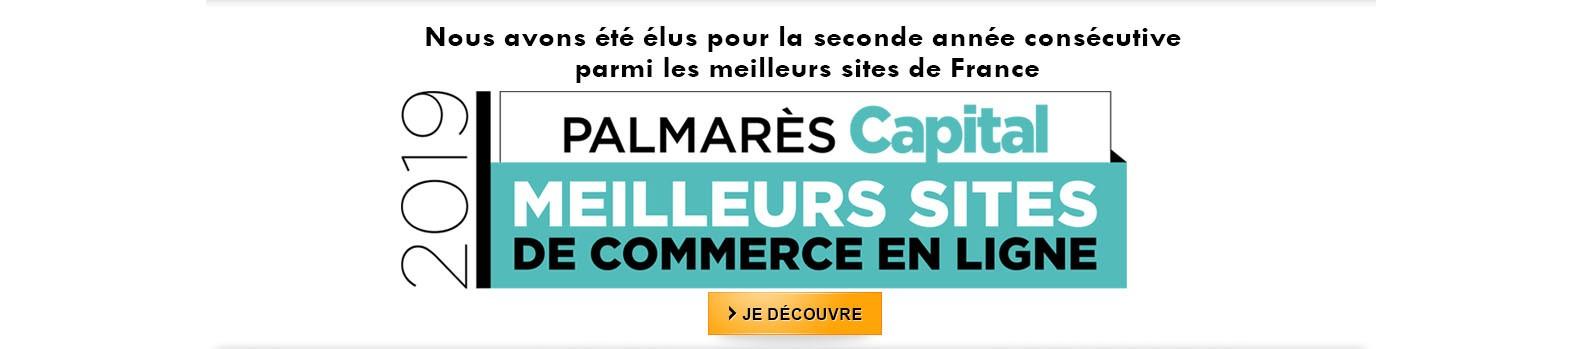 Futureland élu par Capital parmi les meilleurs site ecommerce pour la deuxième année consécutive !